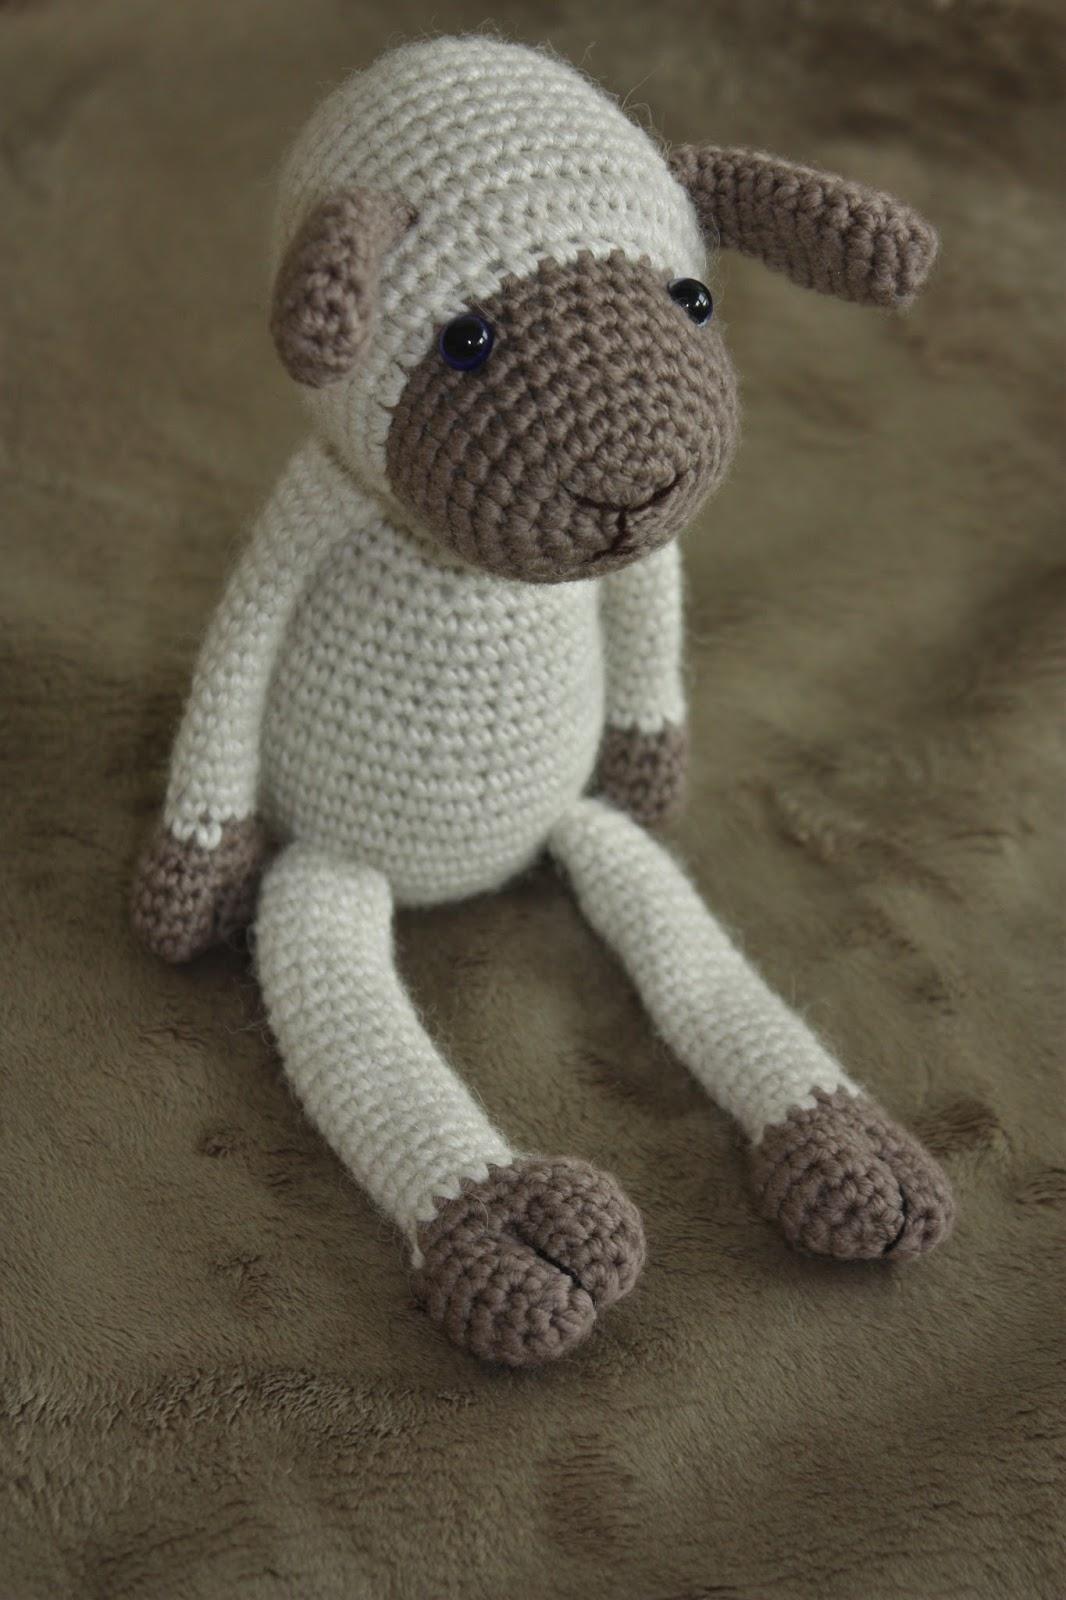 Amigurumi Crochet Lamb : Happyamigurumi: New Amigurumi Sheep Pattern